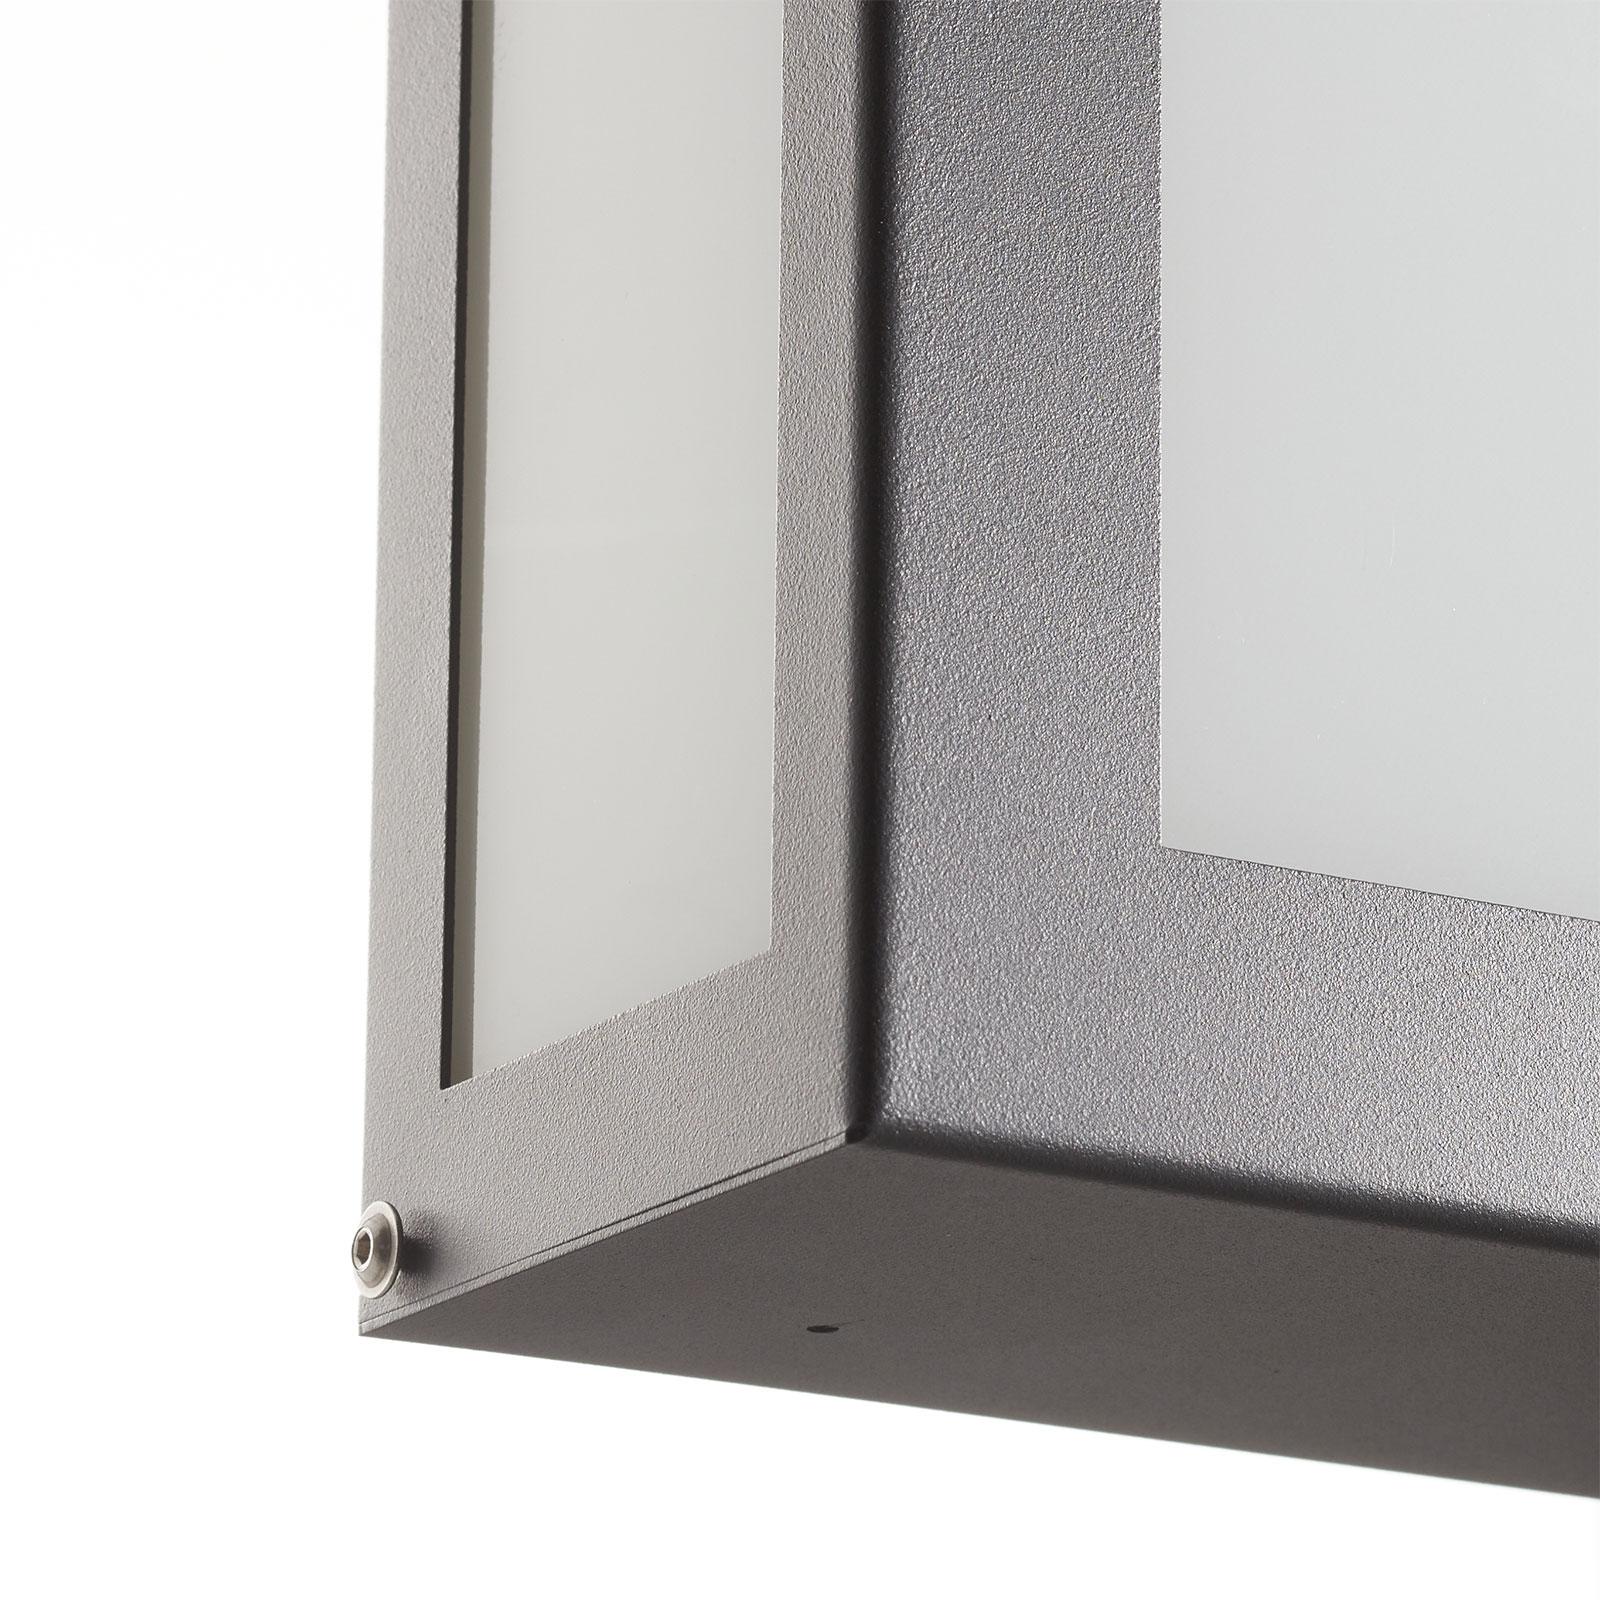 Sensor-buitenwandlamp Aqua Legendo Mini, antraciet